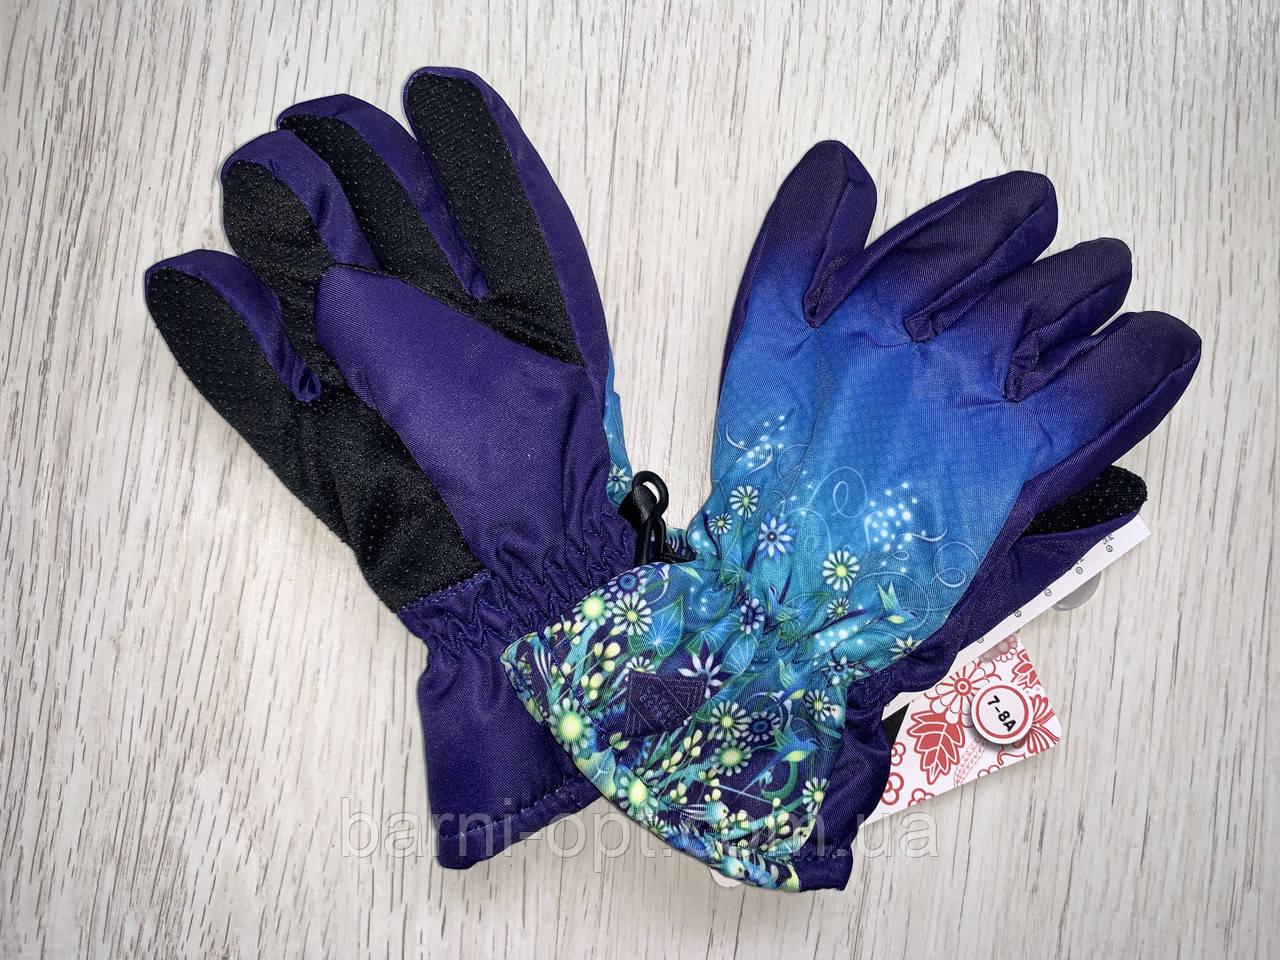 Дитячі рукавички Disney, Угорщина 7-12 рр